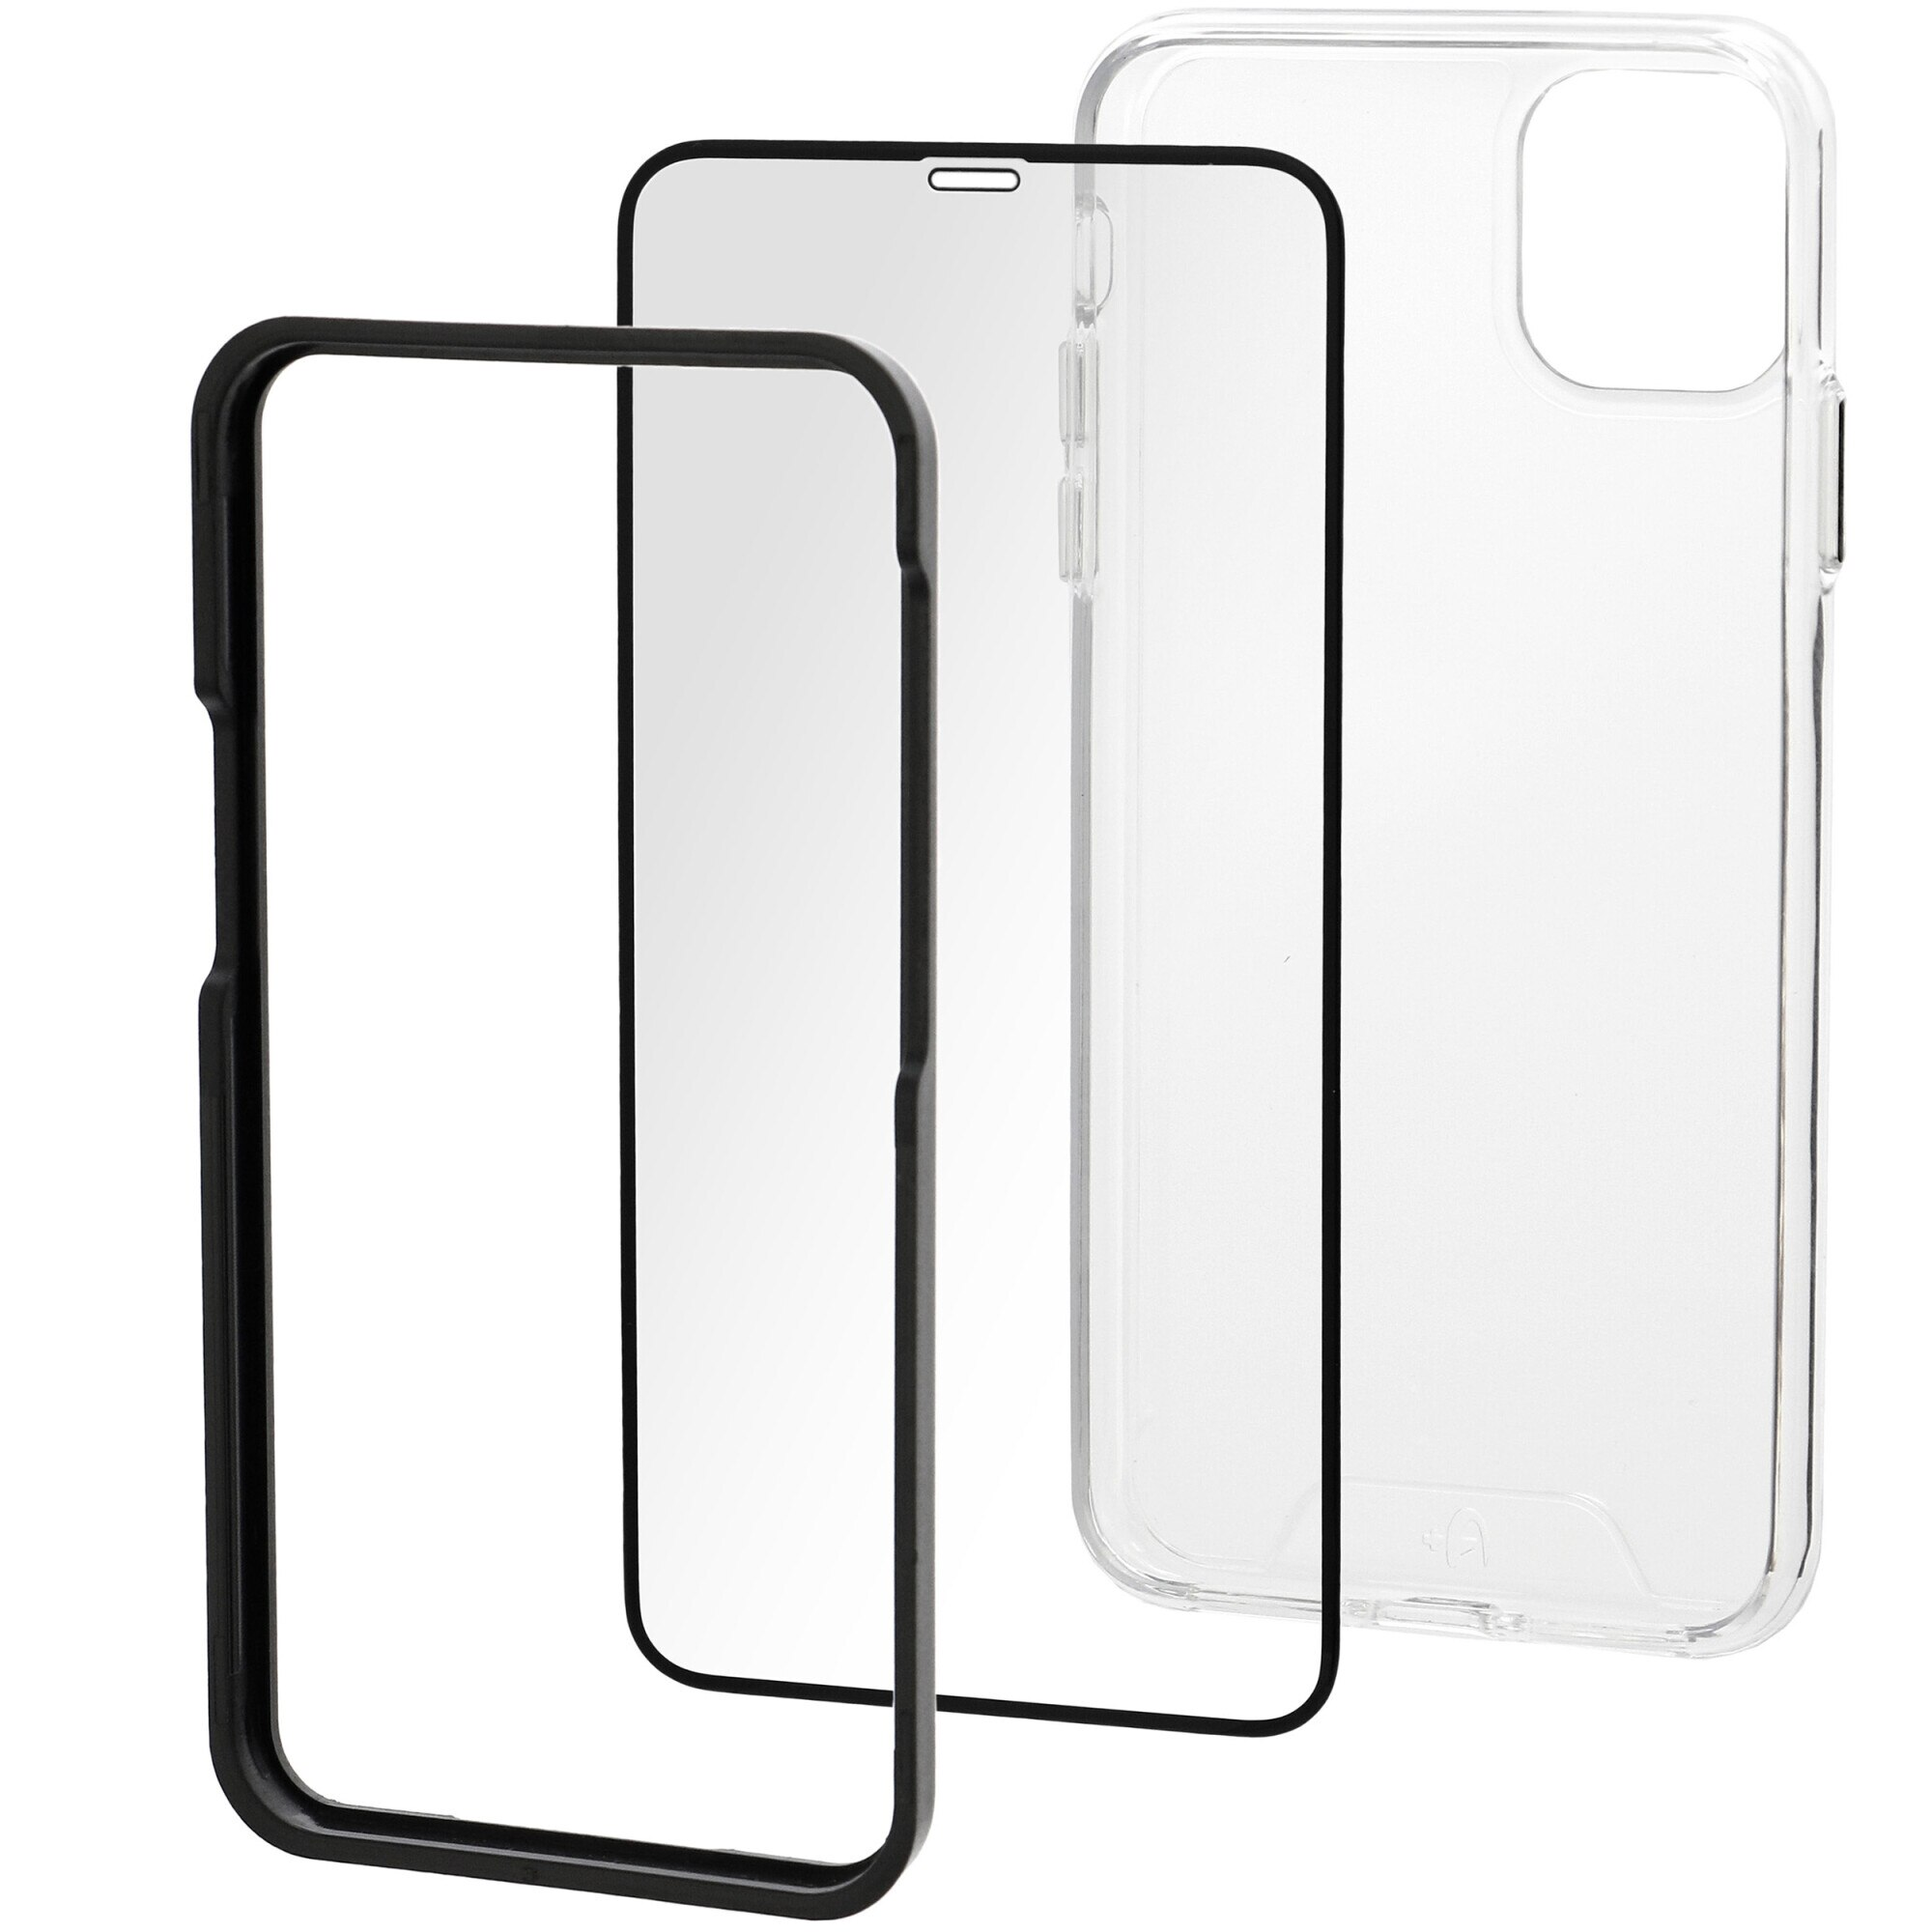 Fotografie Set Folie de protectie A+ Tempered Glass 3D/ Husa transparenta silicon A+ pentru iPhone 12 mini 5.4''